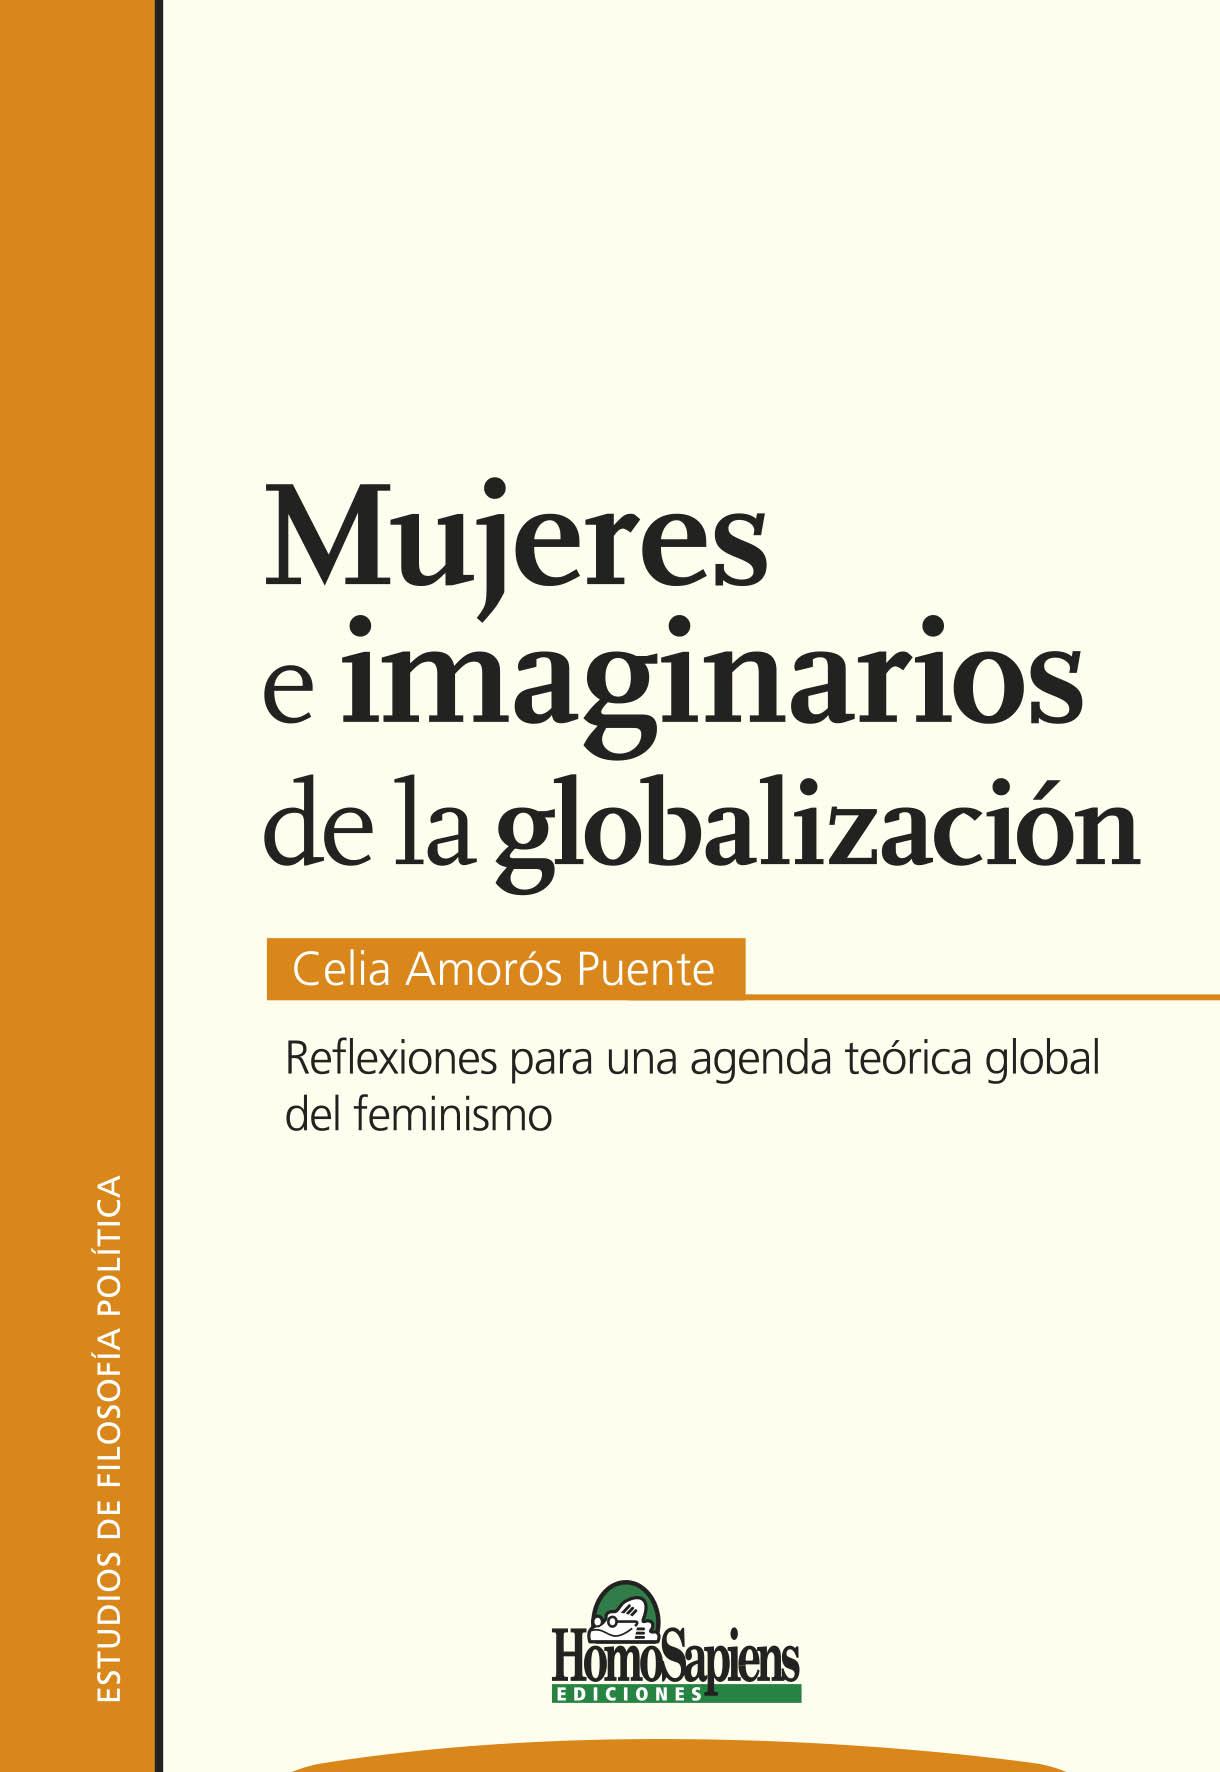 Mujeres e imaginarios de la globalización. Reflexiones para una agenda teórica global del feminismo